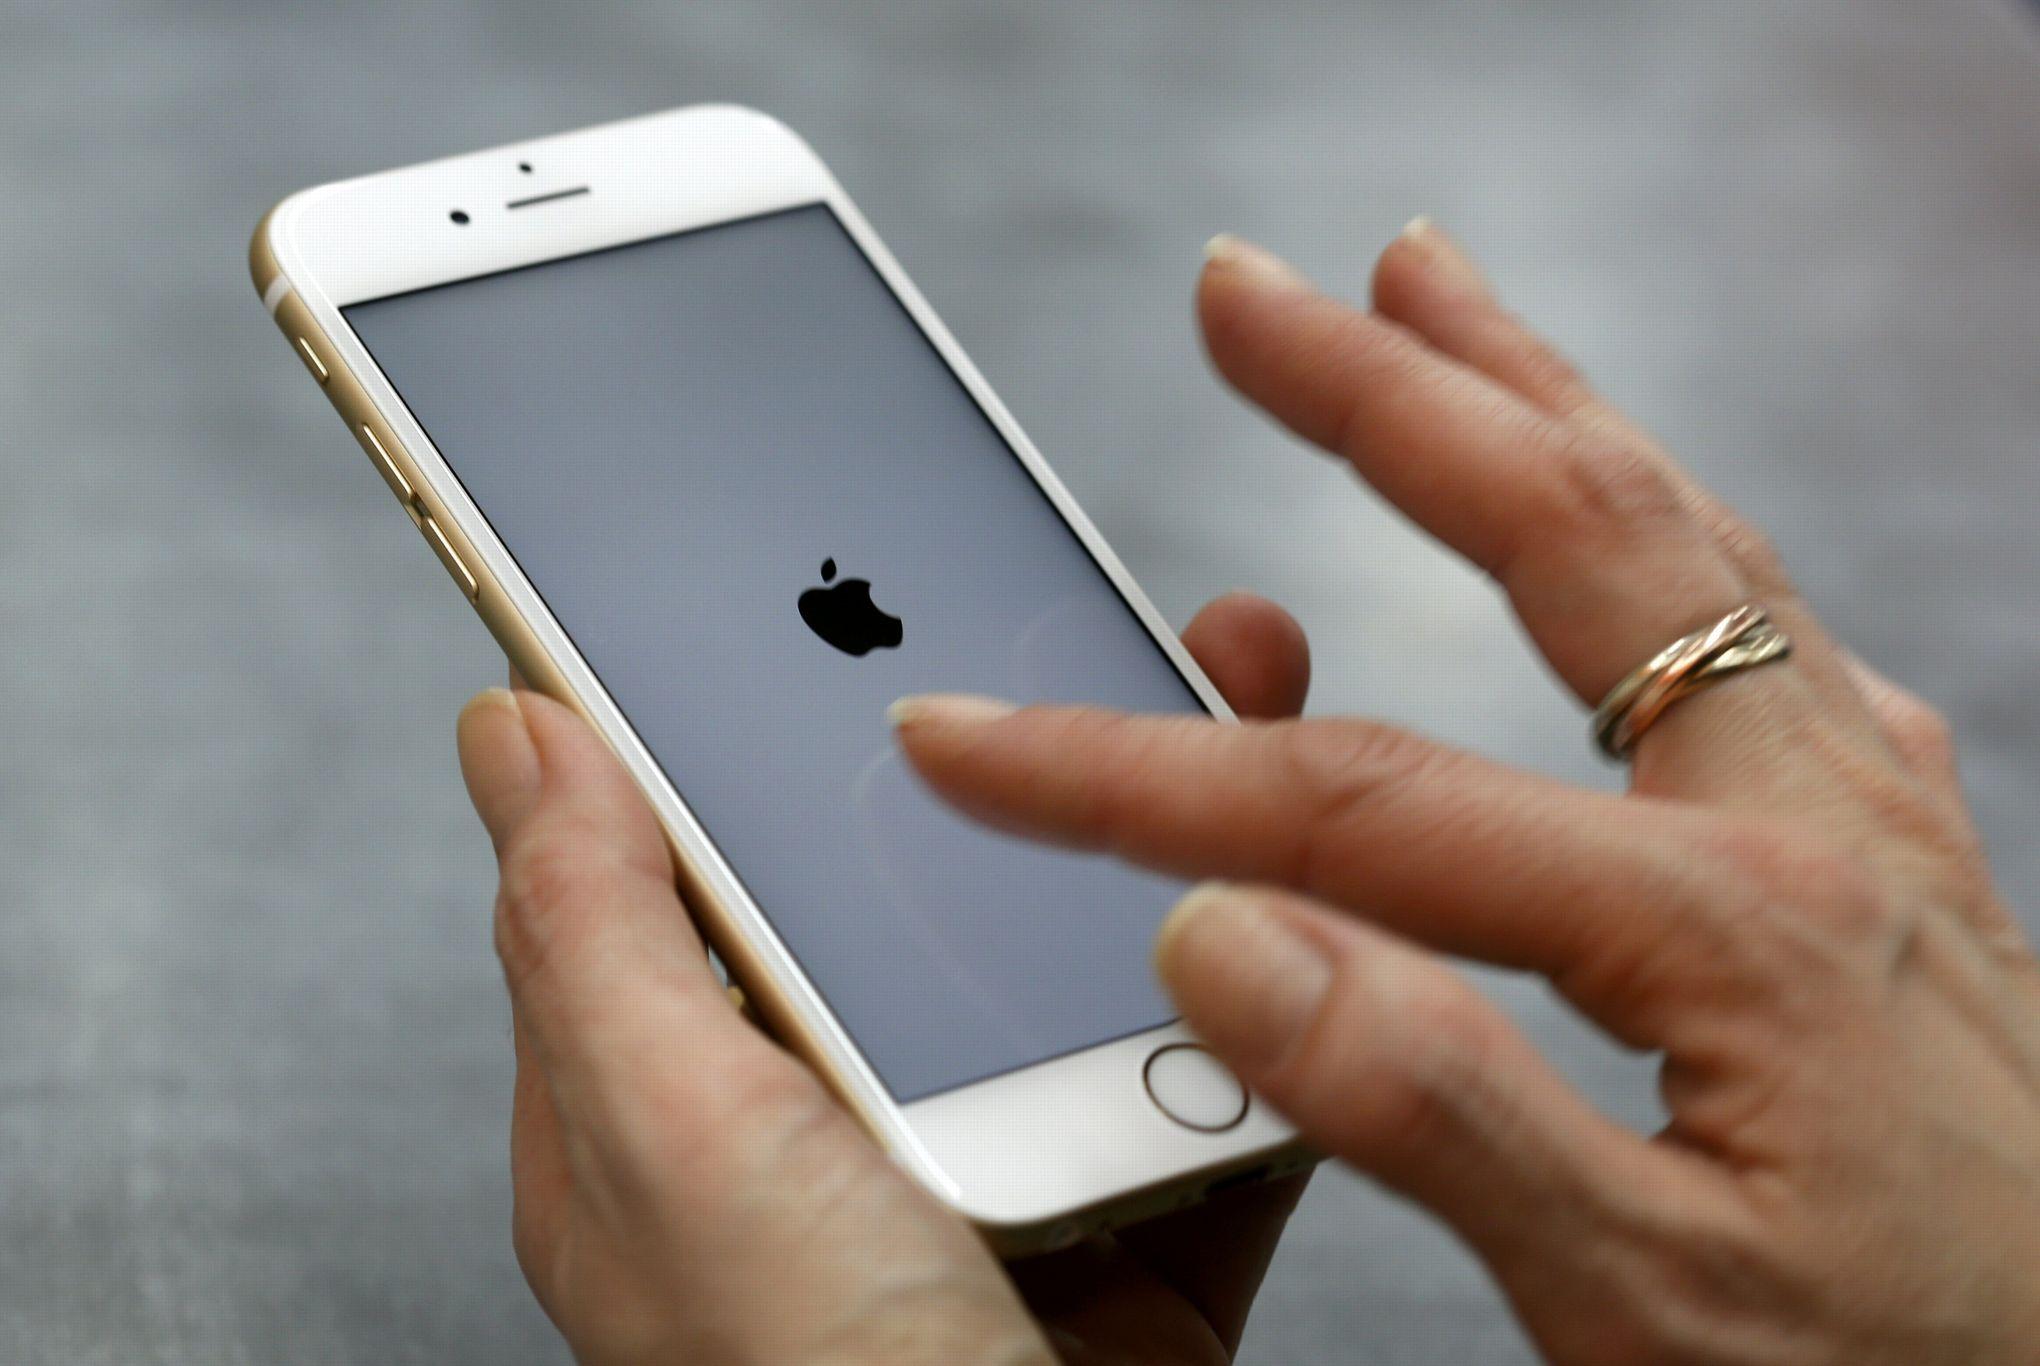 apple refuse d 39 aider d bloquer l 39 iphone d 39 un des auteurs de la tuerie de san bernadino. Black Bedroom Furniture Sets. Home Design Ideas